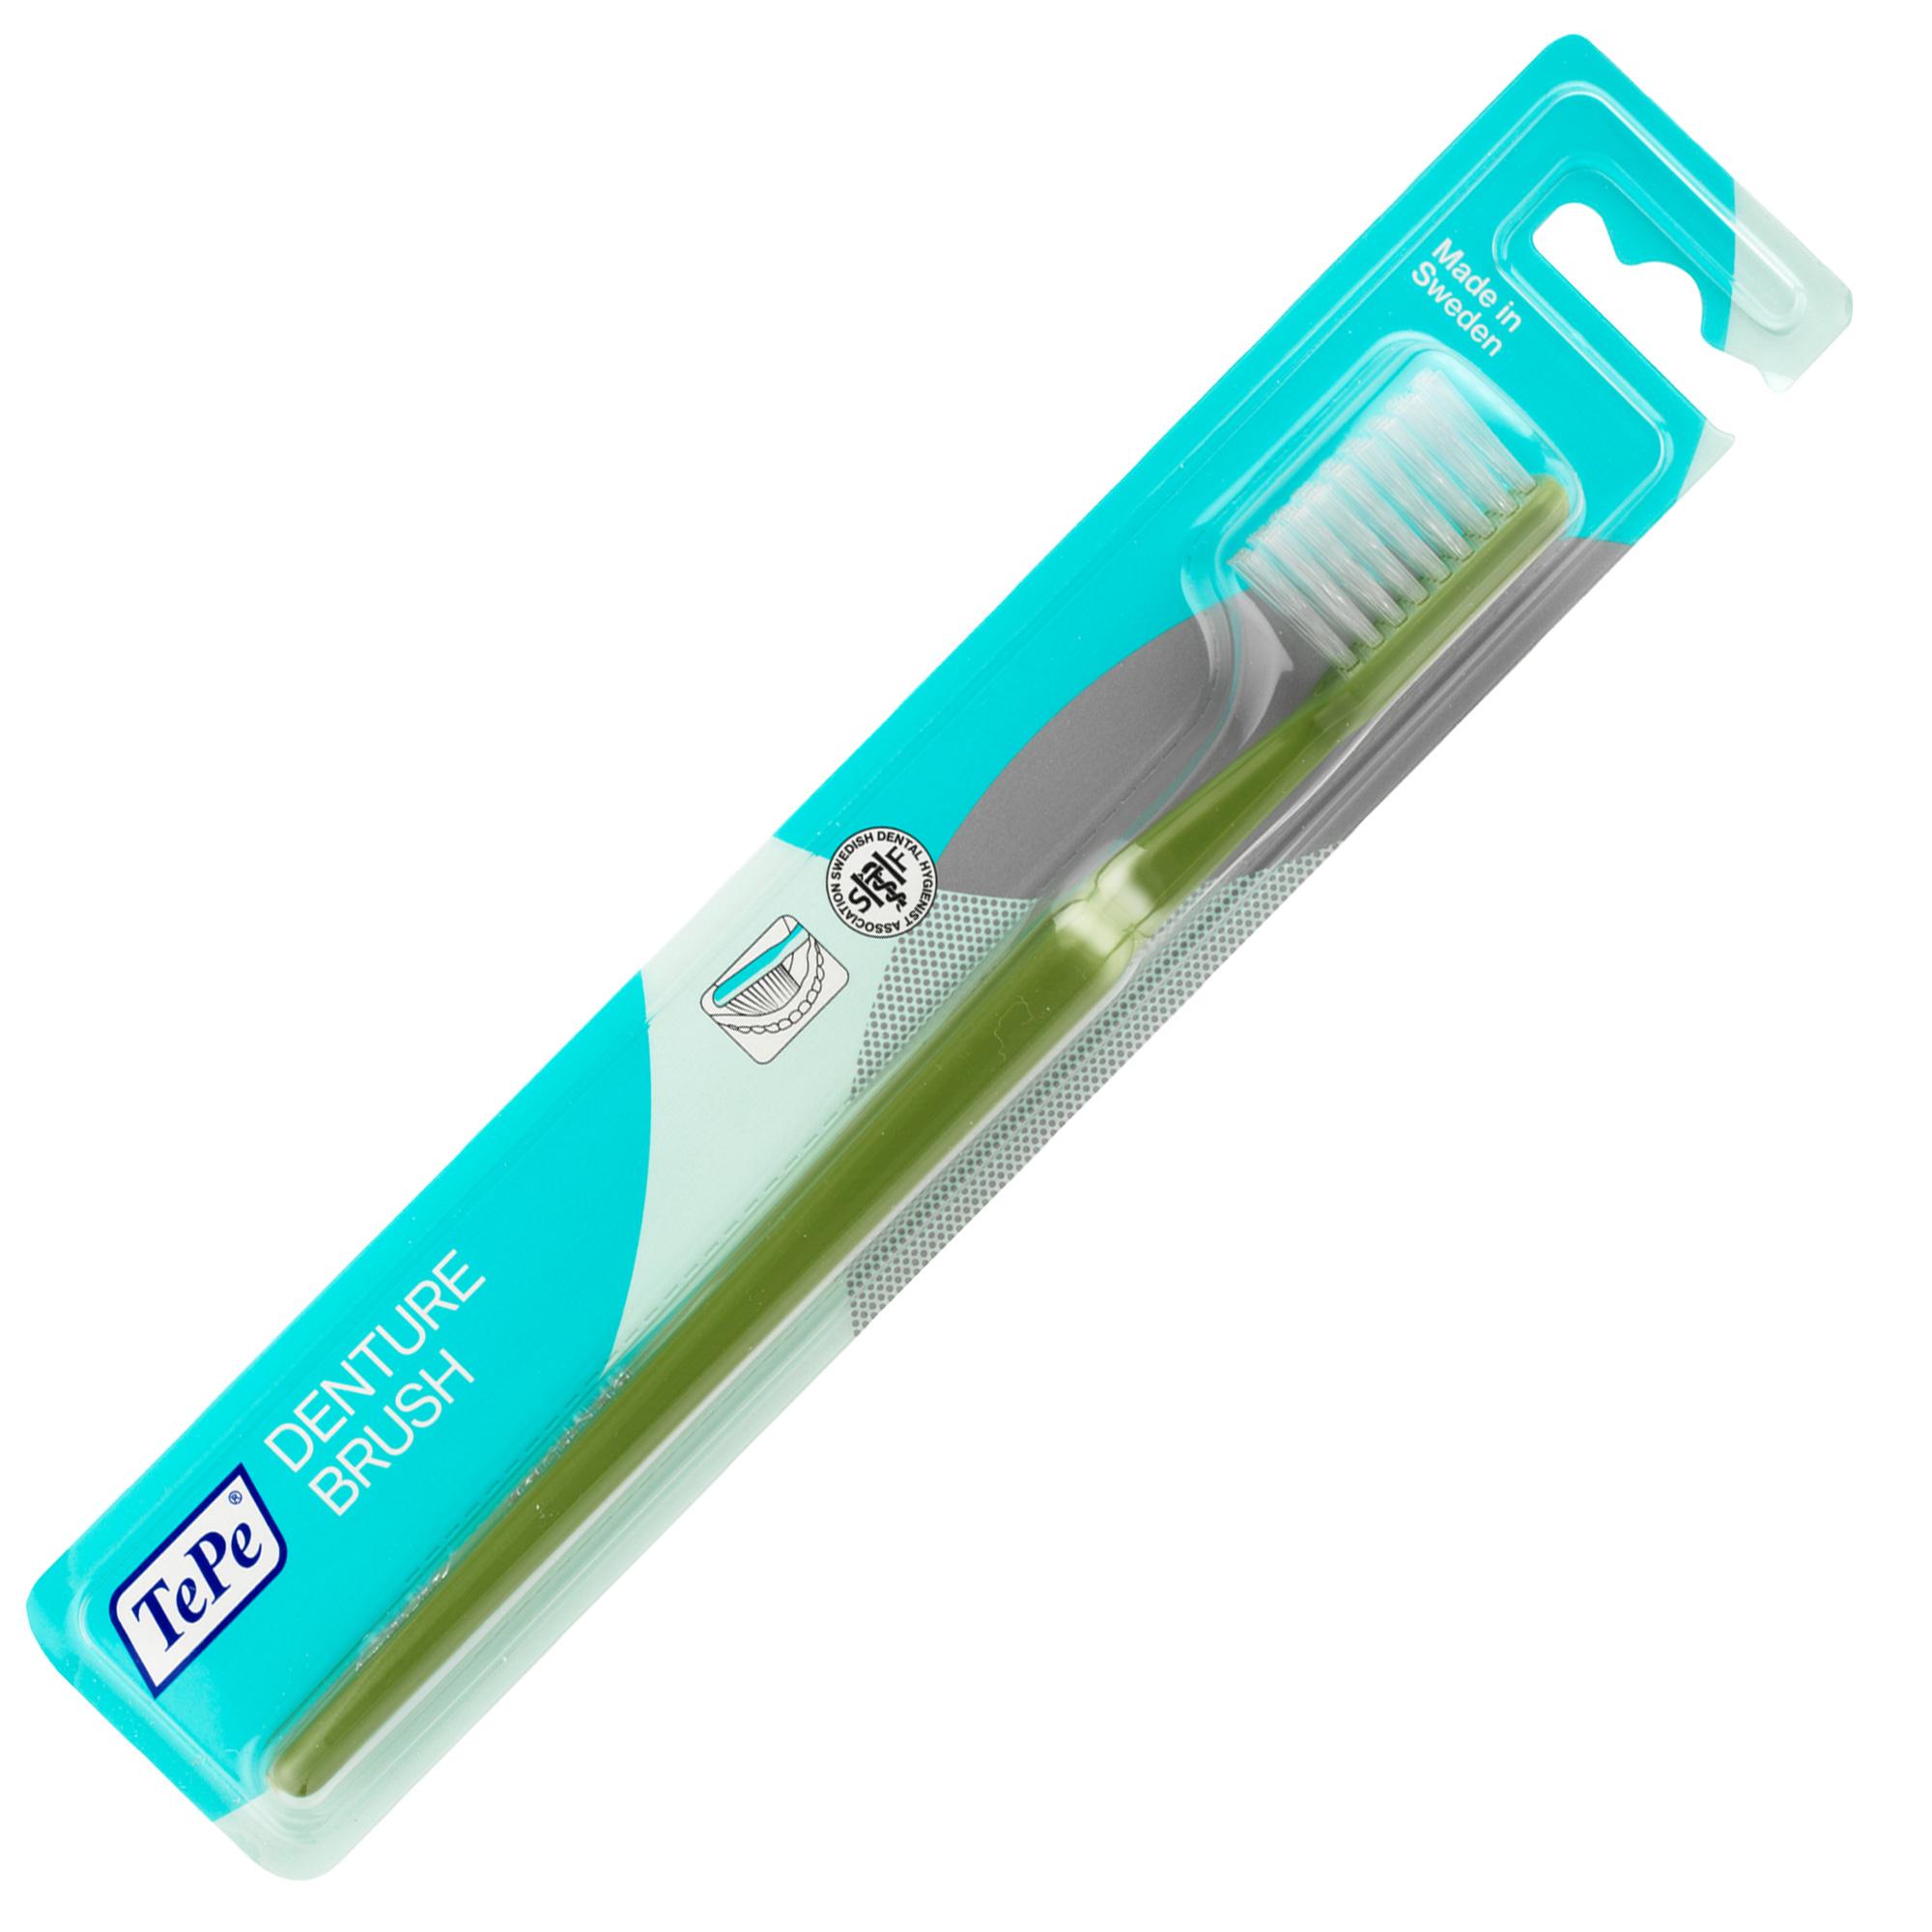 Bàn chải đánh răng dùng cho răng tháo rời Tepe Denture Brush nhiều màu